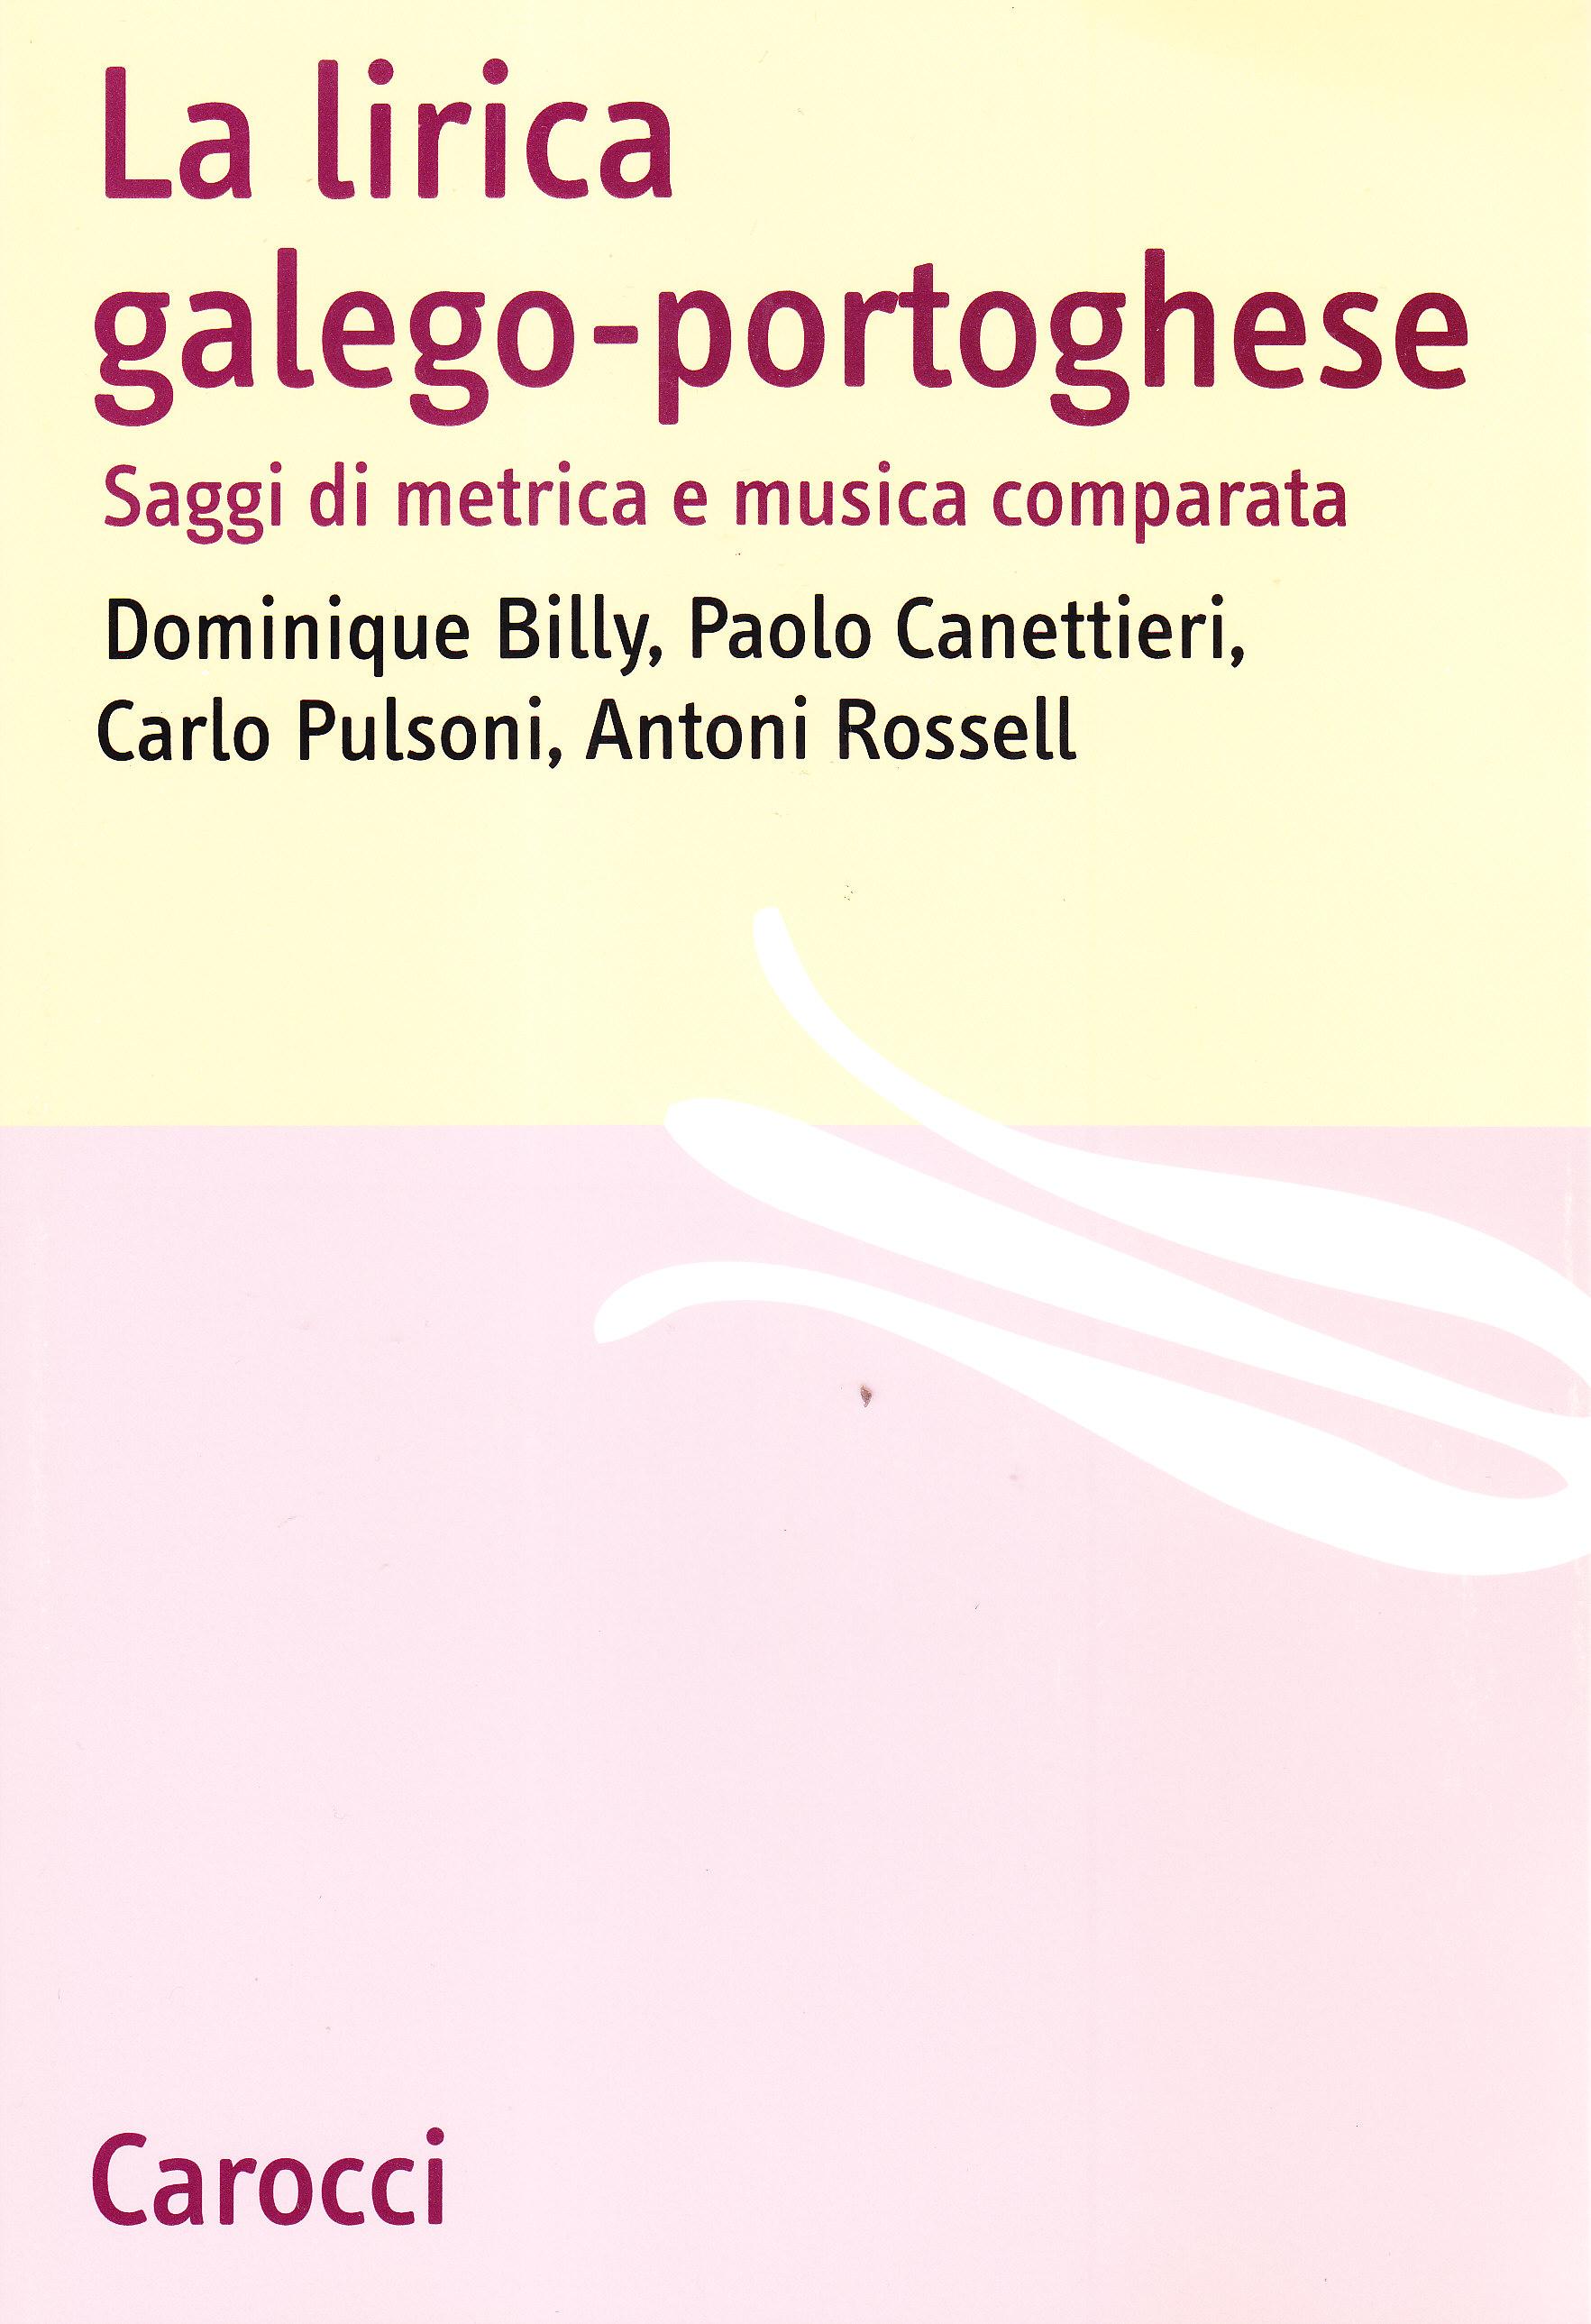 Risultati immagini per La lirica galego-portoghese Saggi di metrica e musica comparata